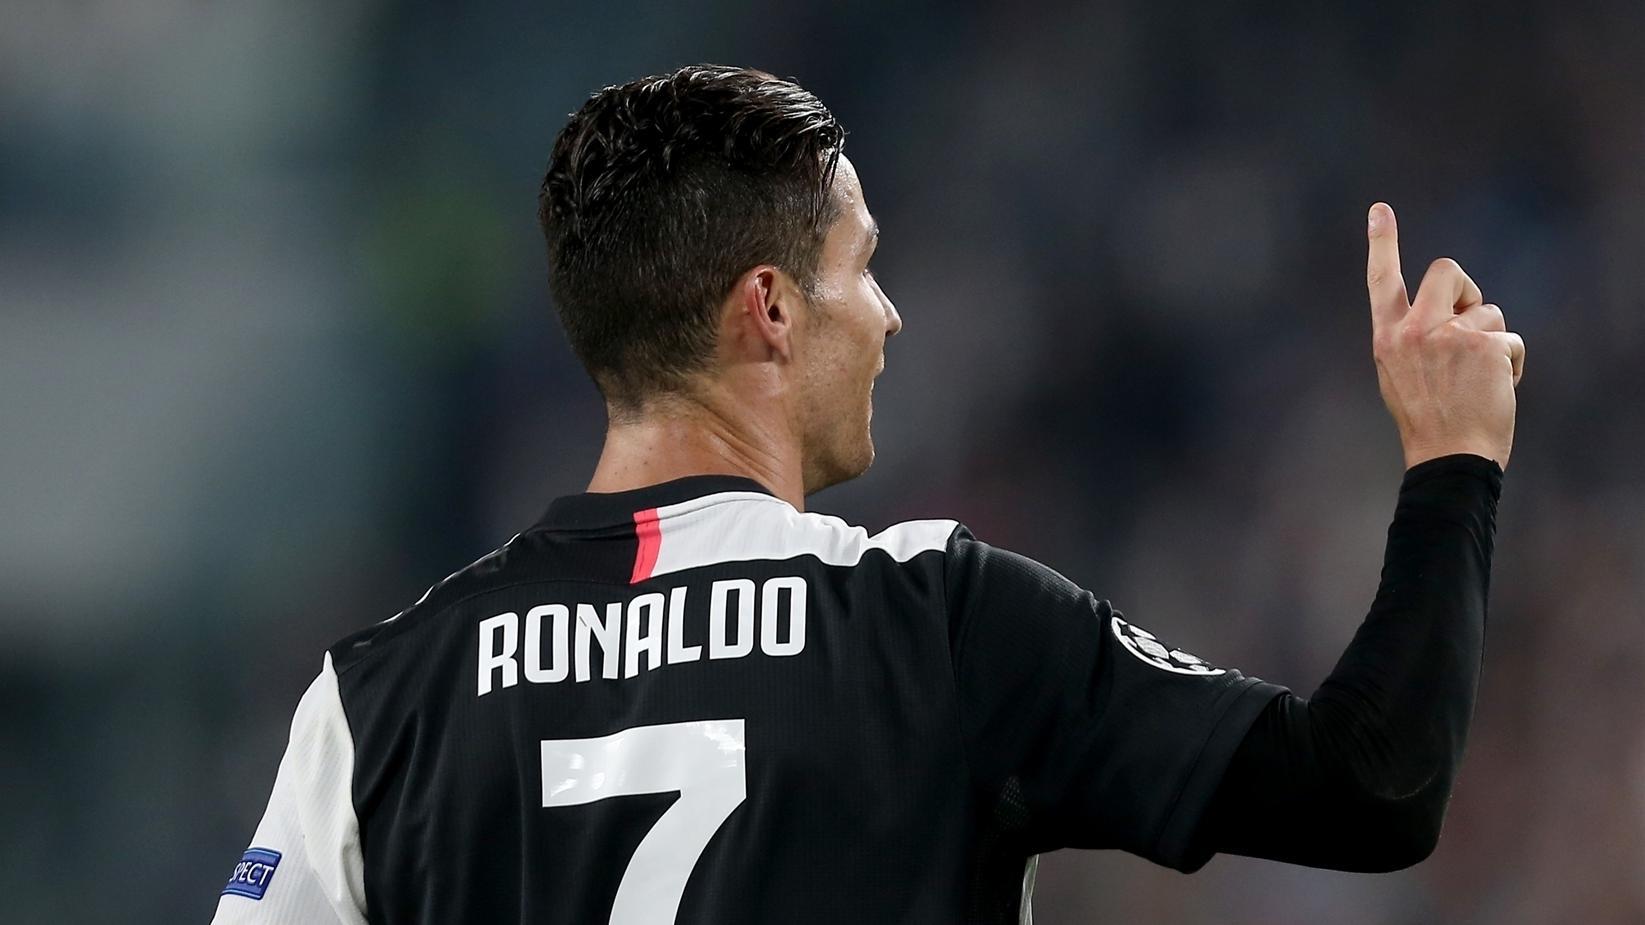 En iyi UEFA kulüp golcüleri